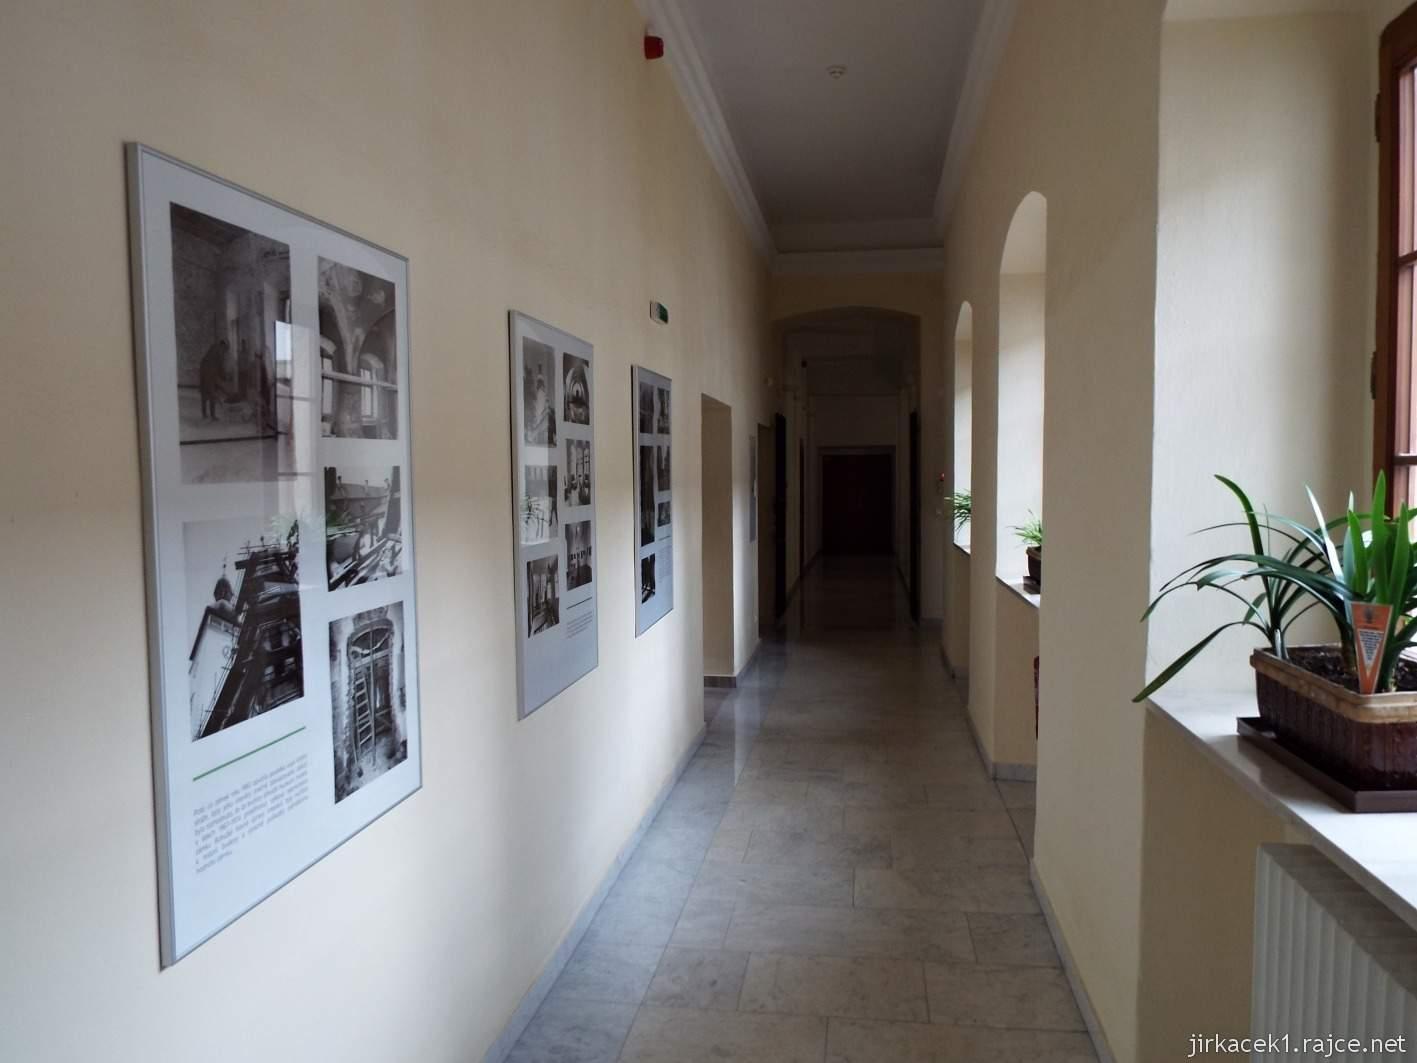 Vsetín - zámek 40 - muzeum - zámecká chodba a expozice vývoje zámku